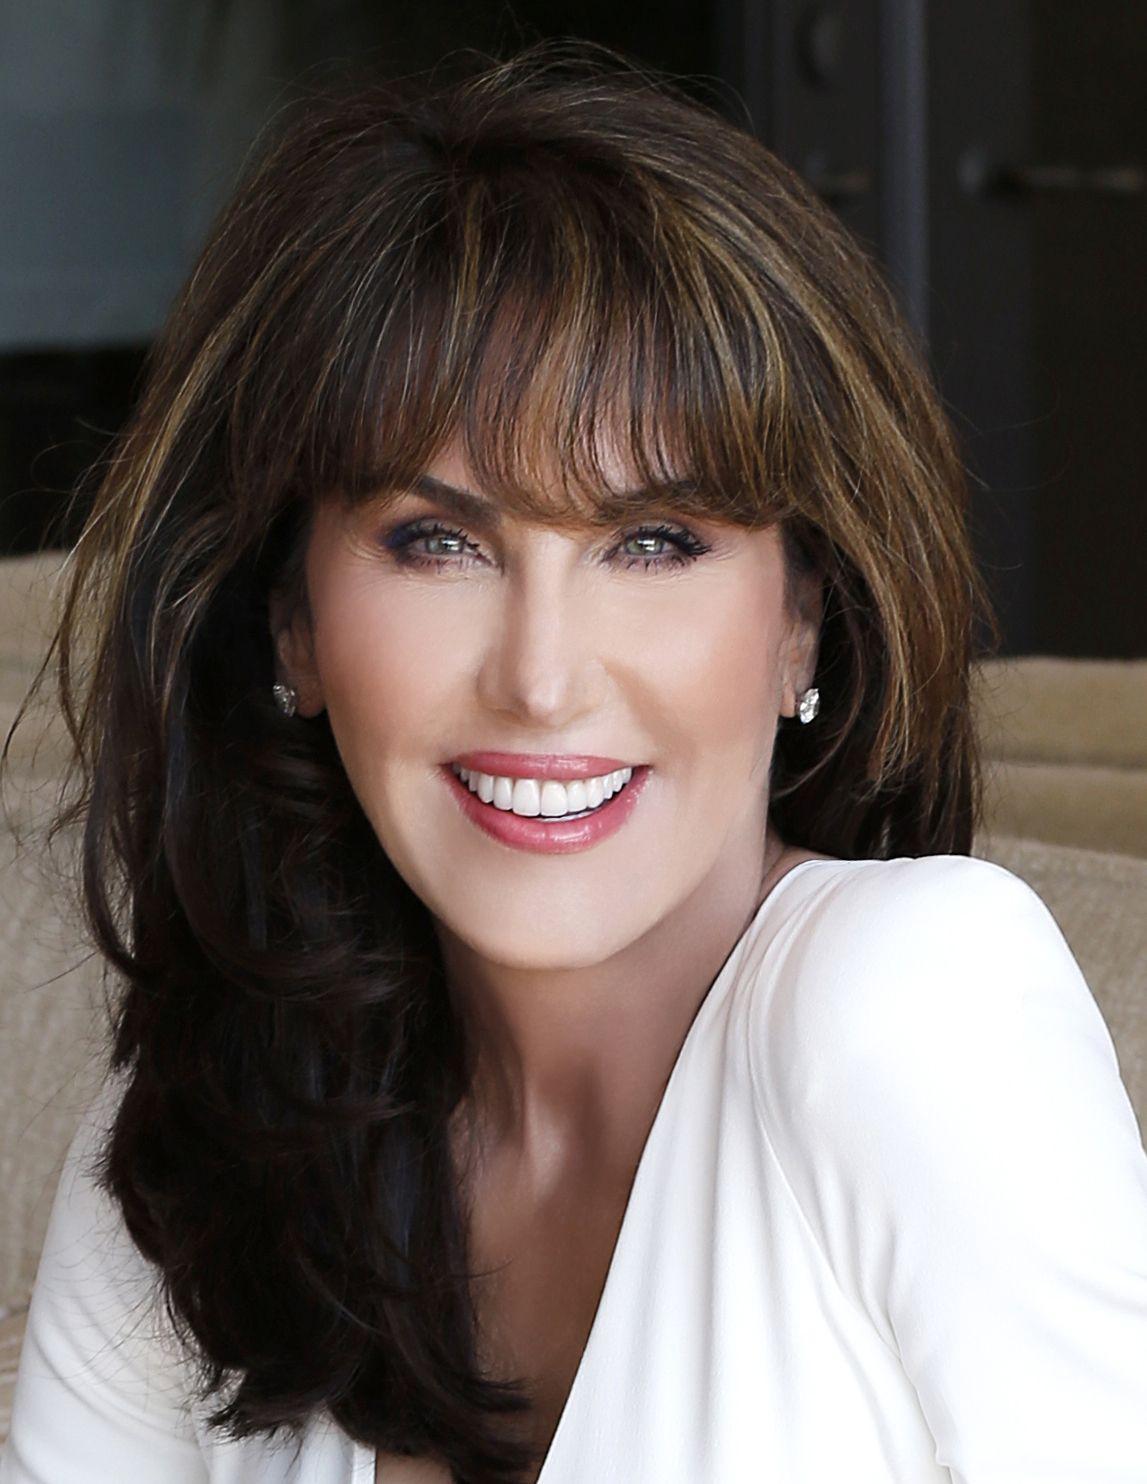 When Georgia Smiled: The Robin McGraw Revelation